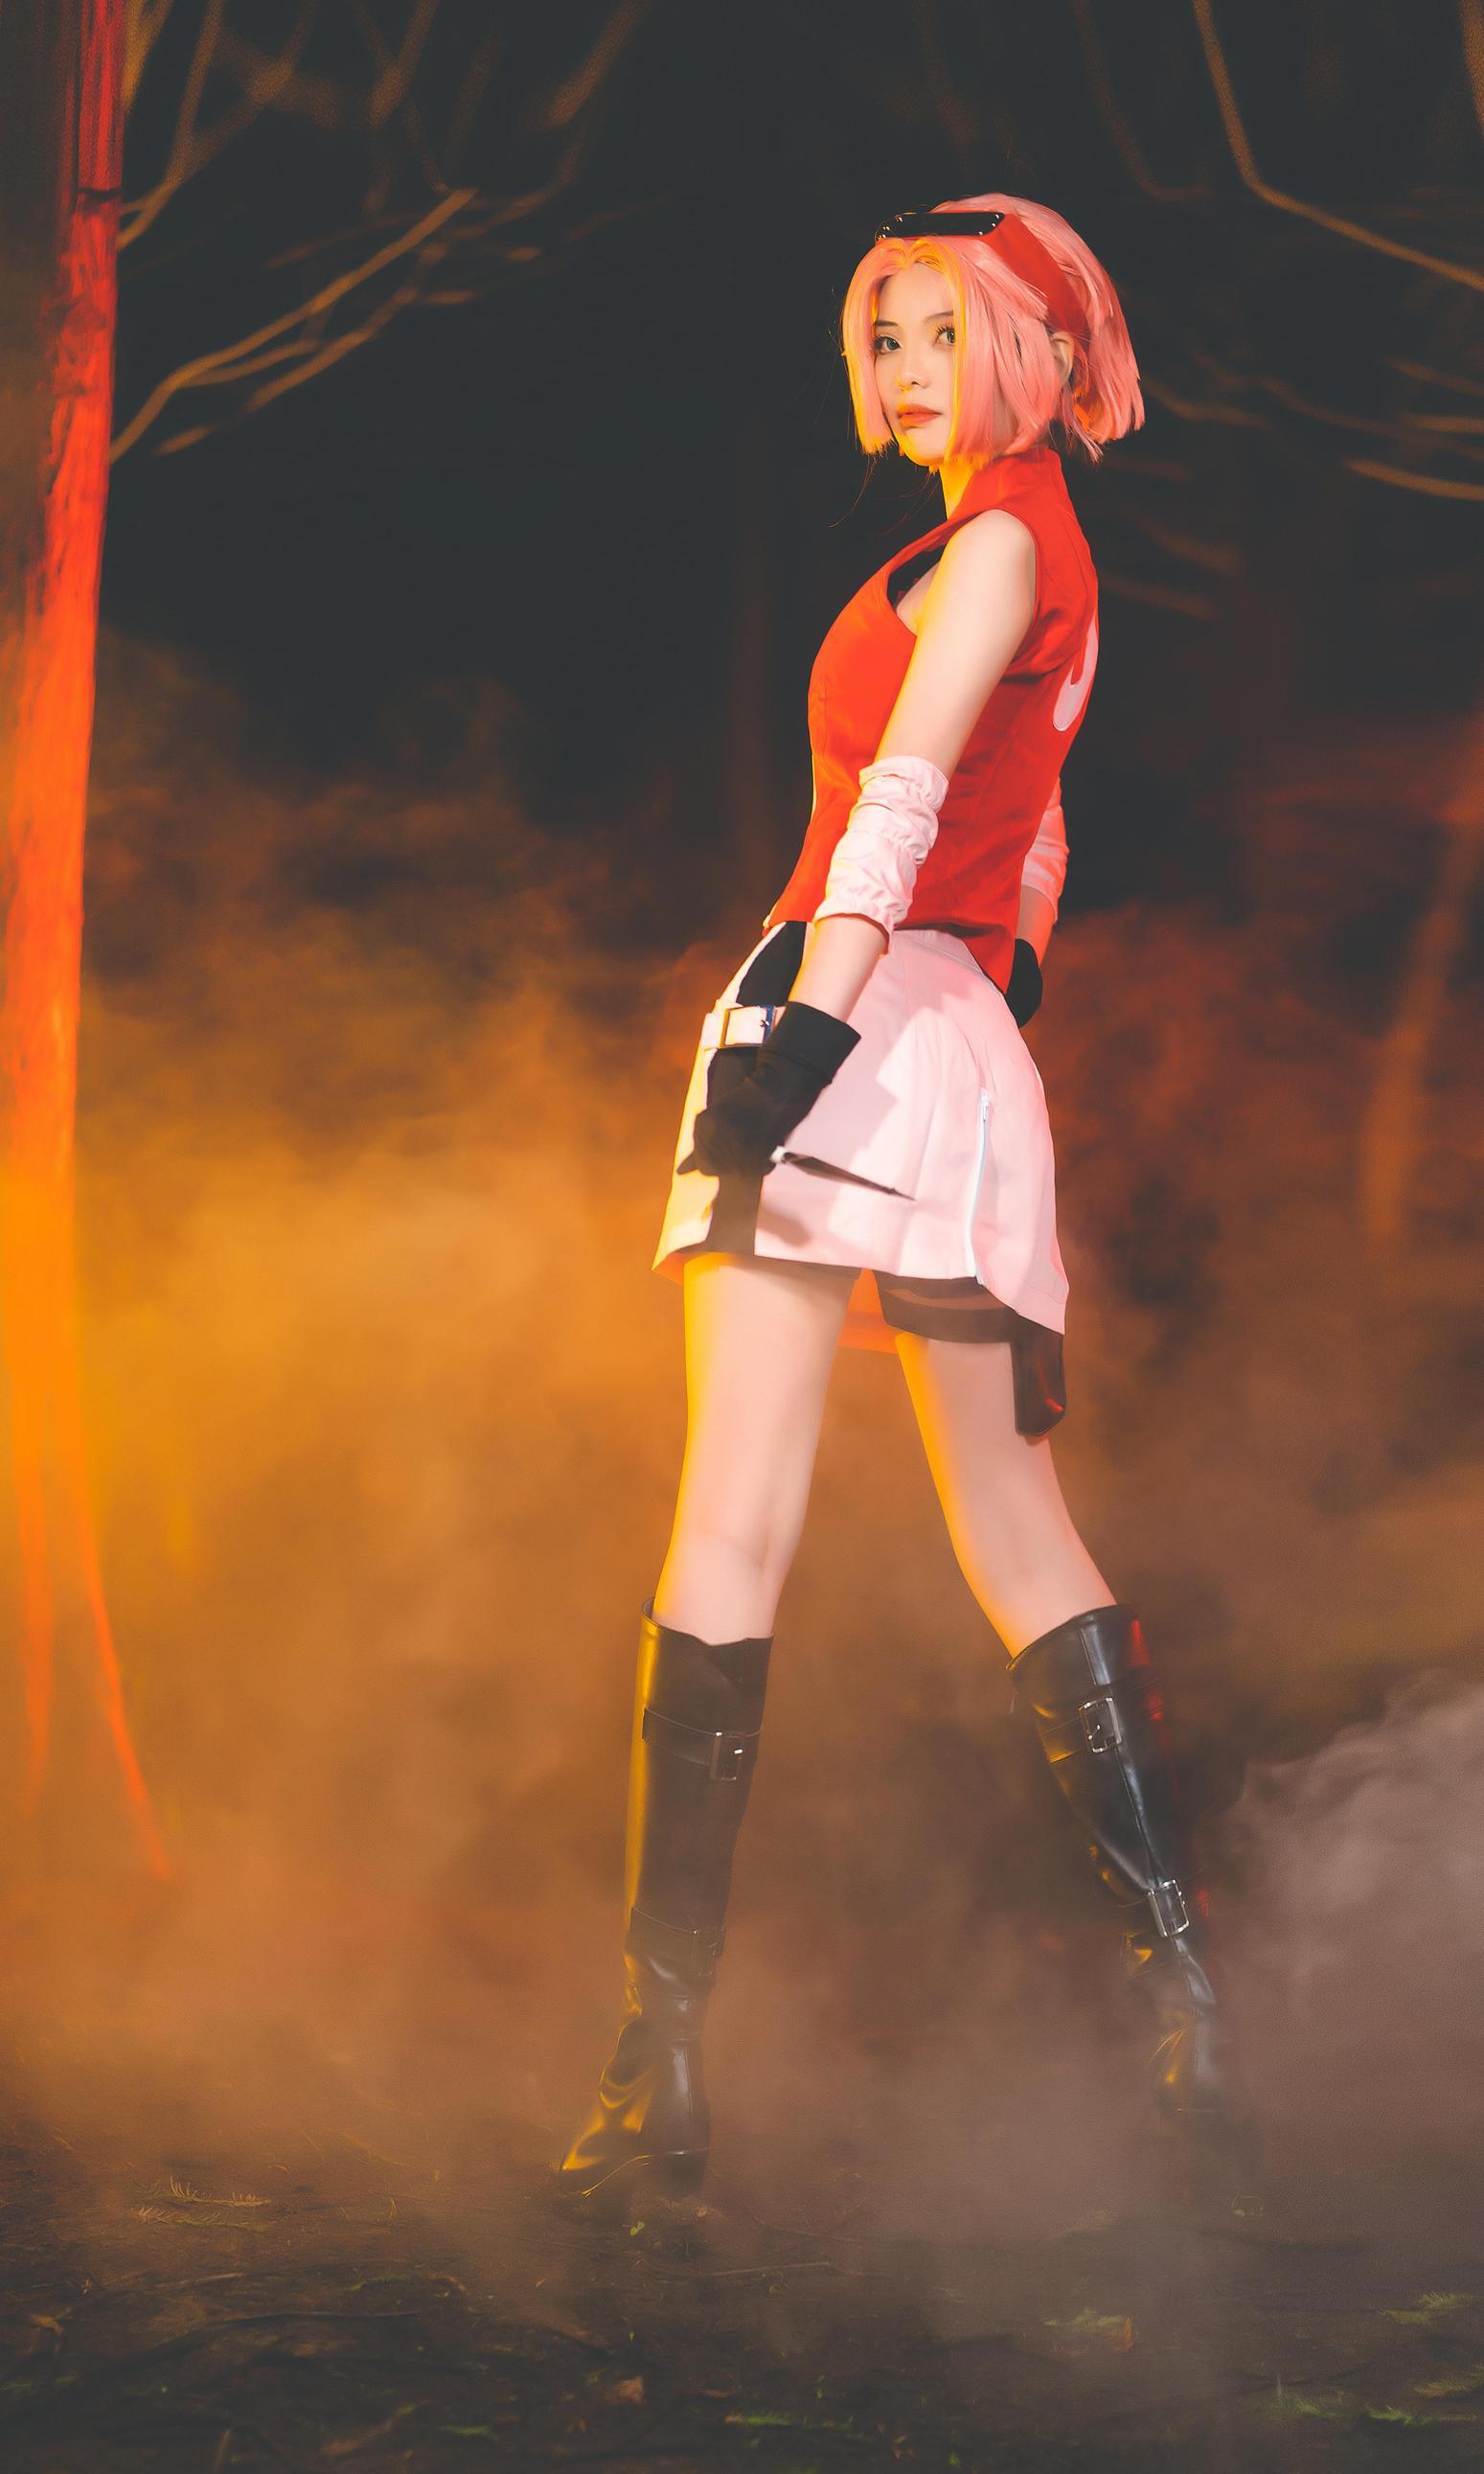 《火影忍者》正片cosplay【CN:北殿北】-第7张